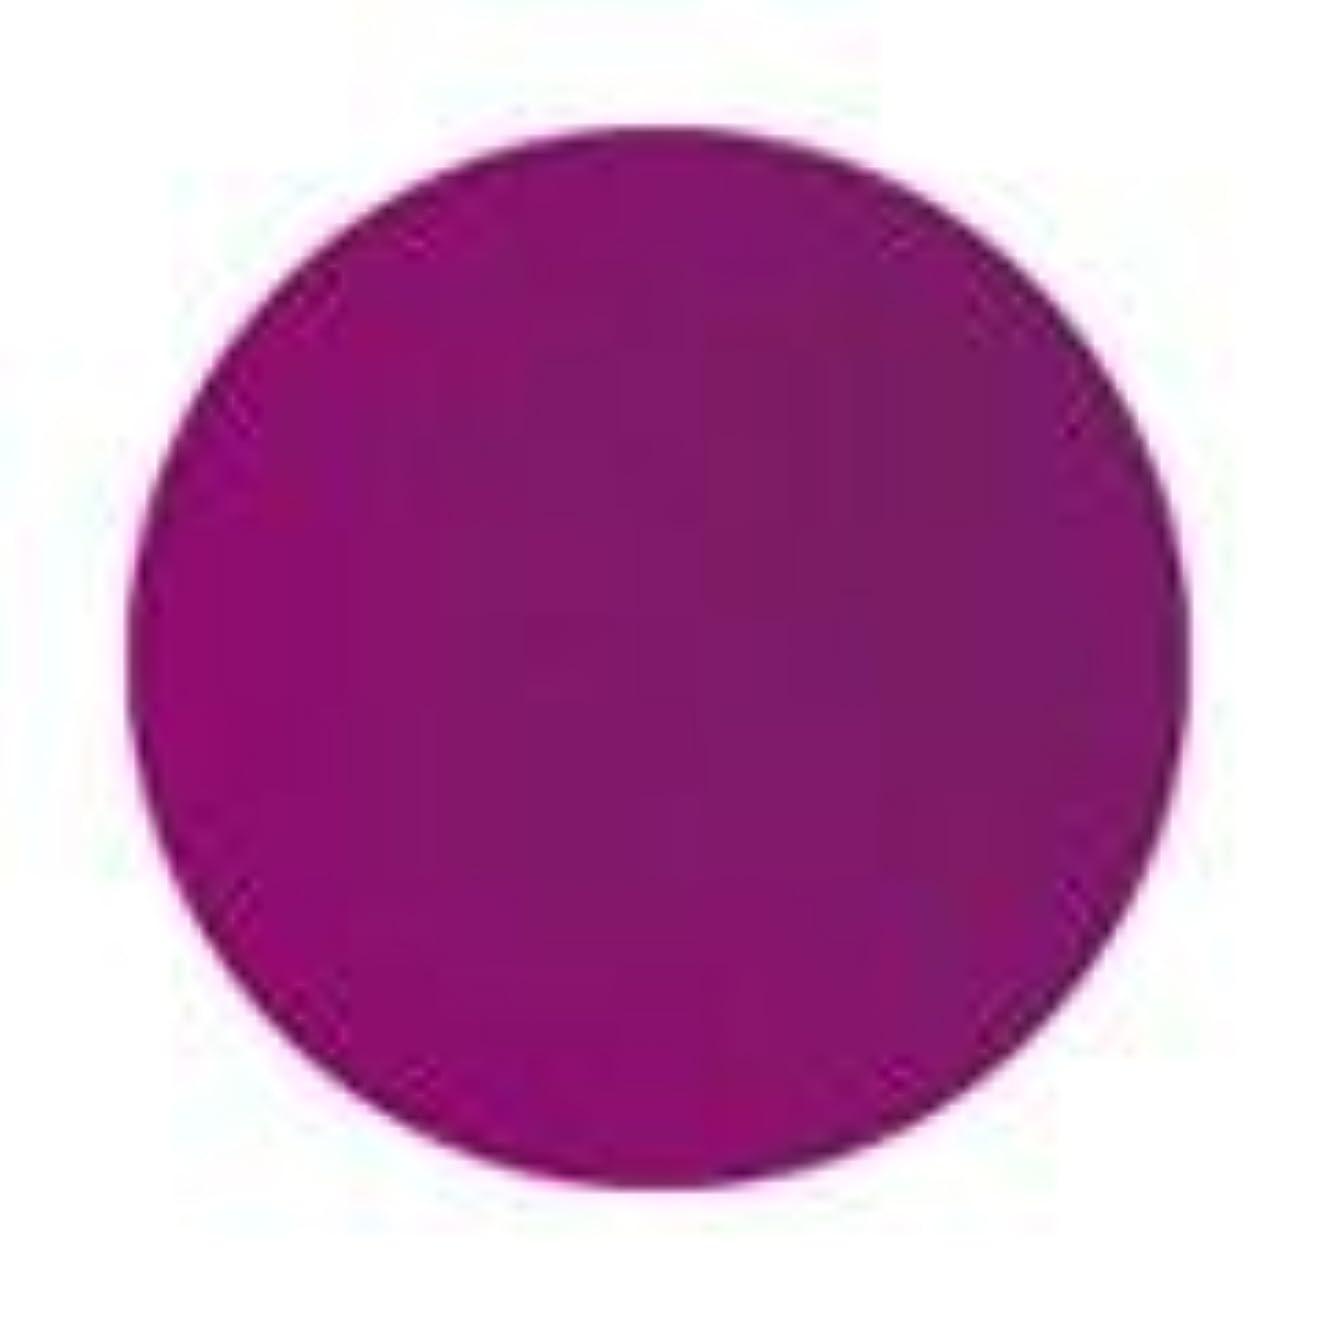 申請者モディッシュ丈夫Jessica ジェレレーション カラー 15ml  953 バイオレットフレーム